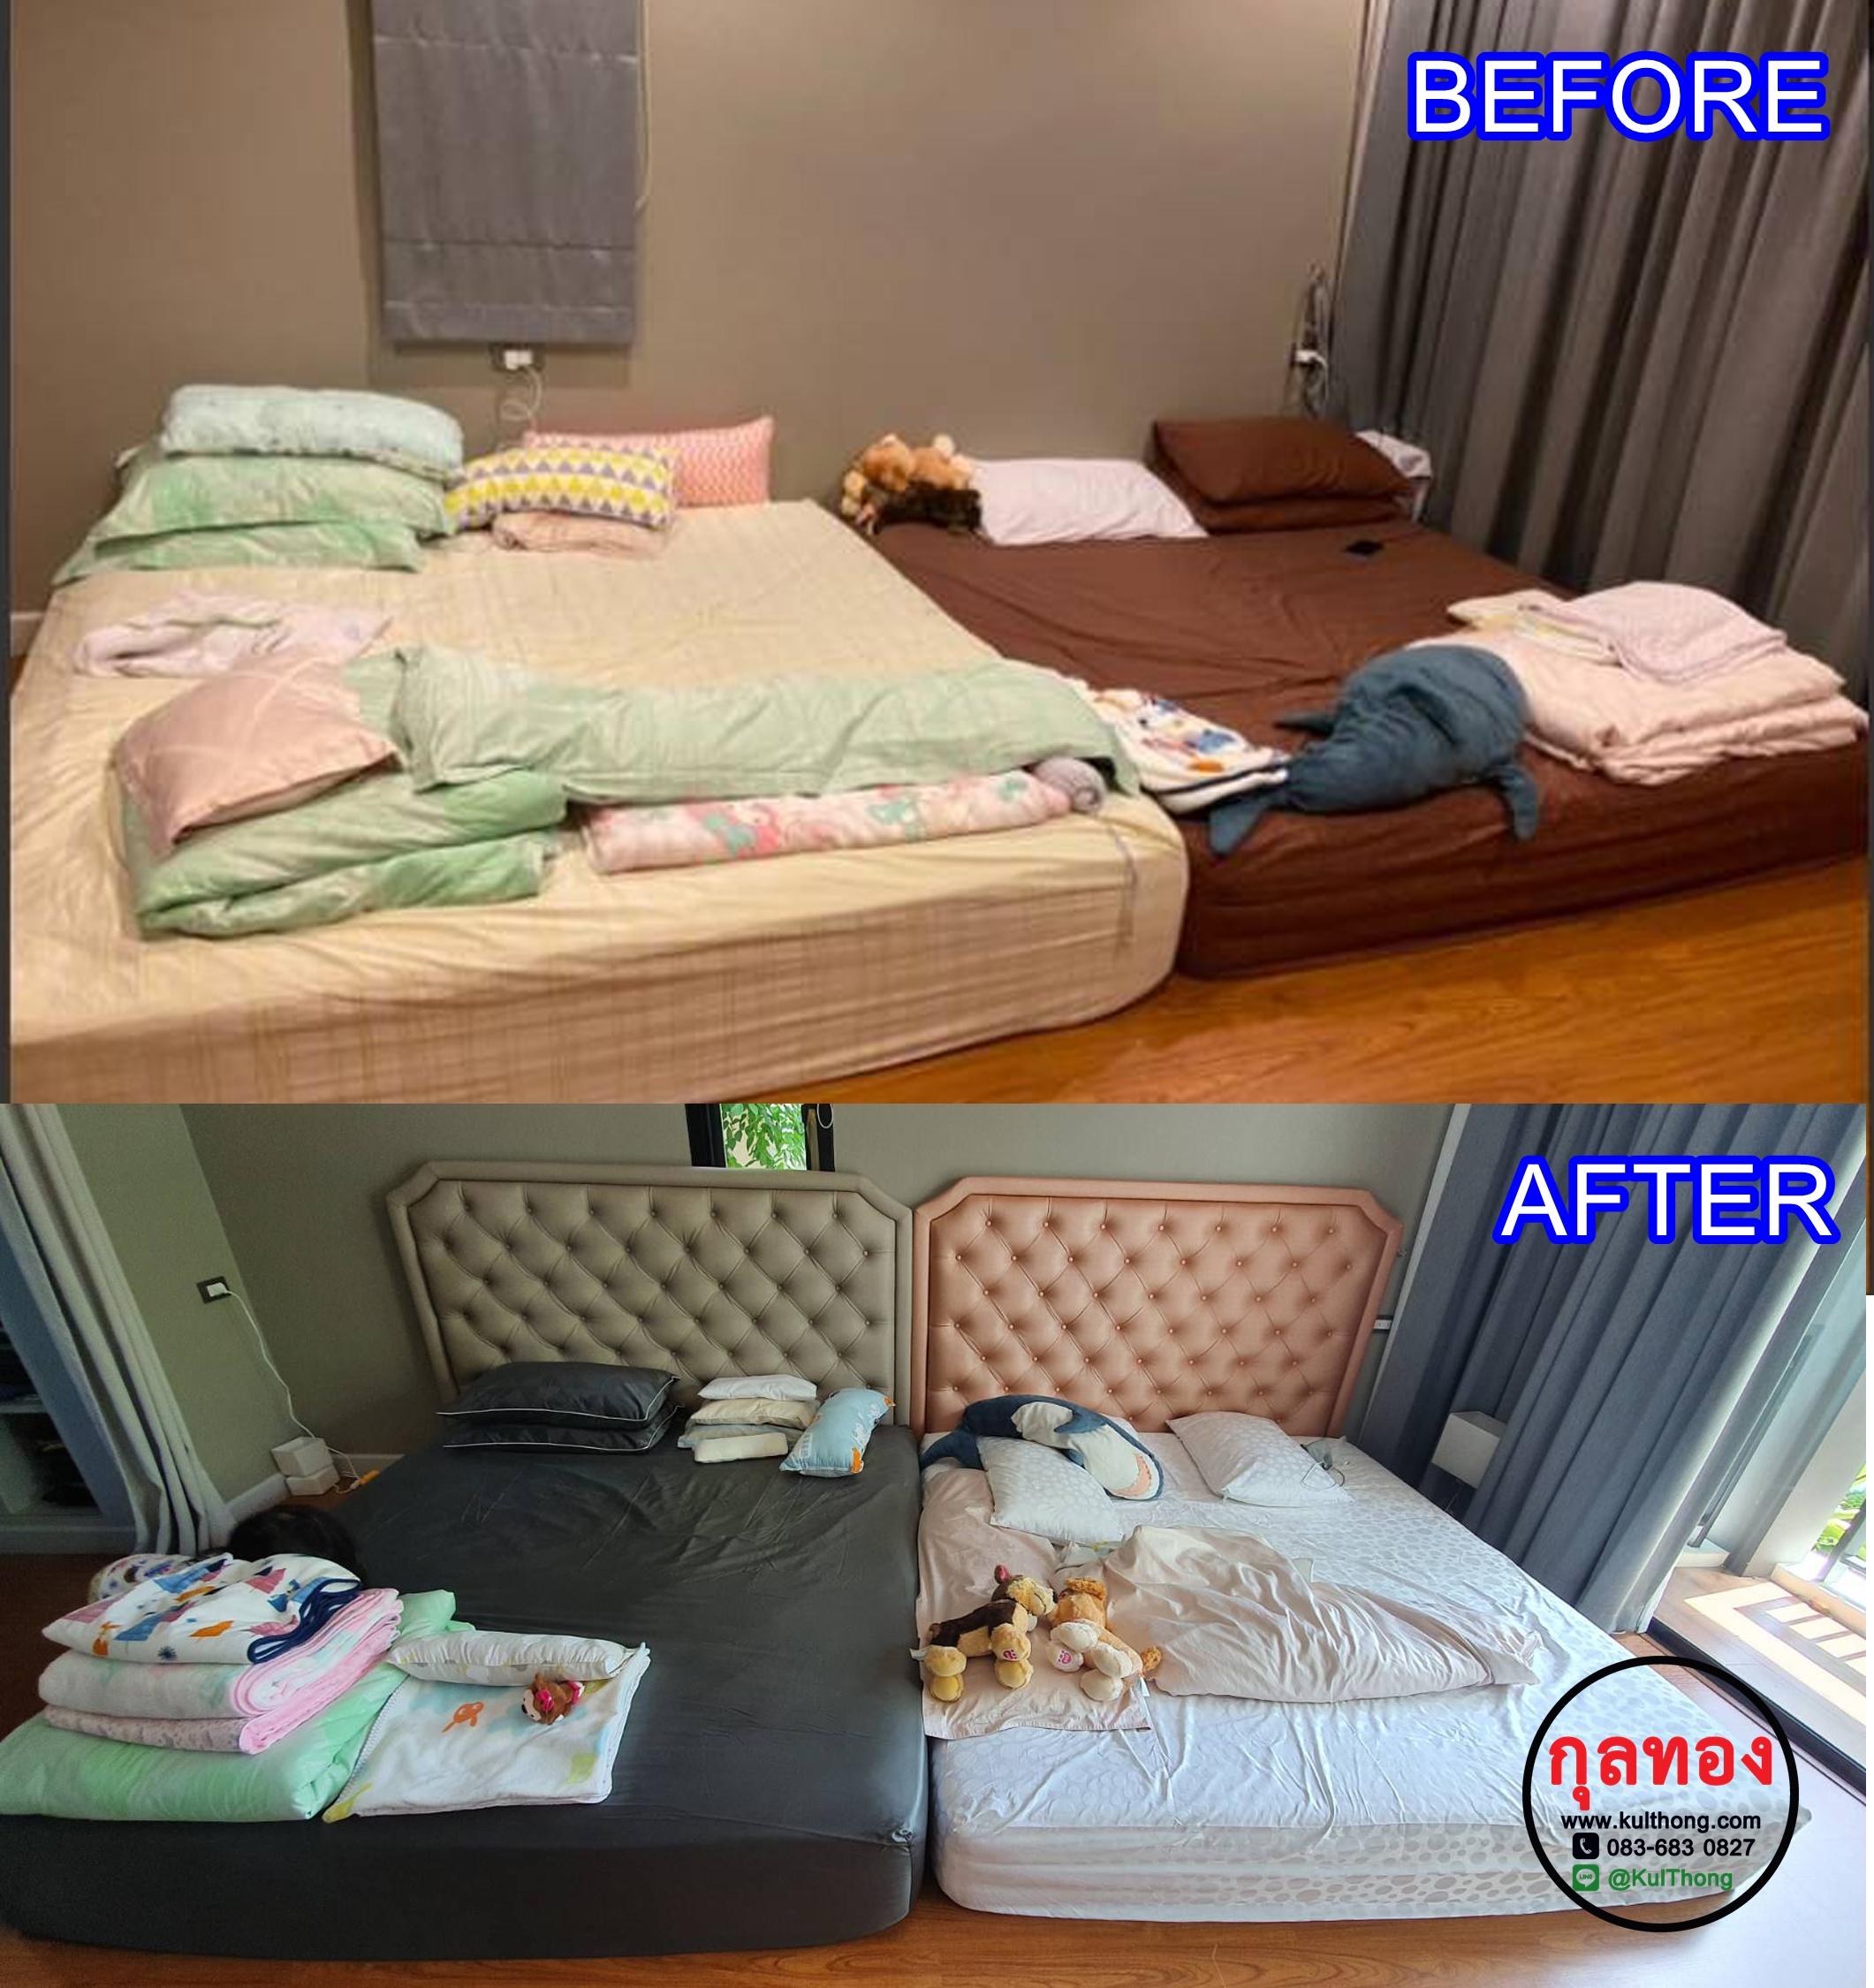 หัวเตียงอย่างเดียว หัวเตียงแขวนผนัง หัวเตียงดึงกระดุม หัวเตียงสำเร็จ หัวเตียงหุ้มหนัง